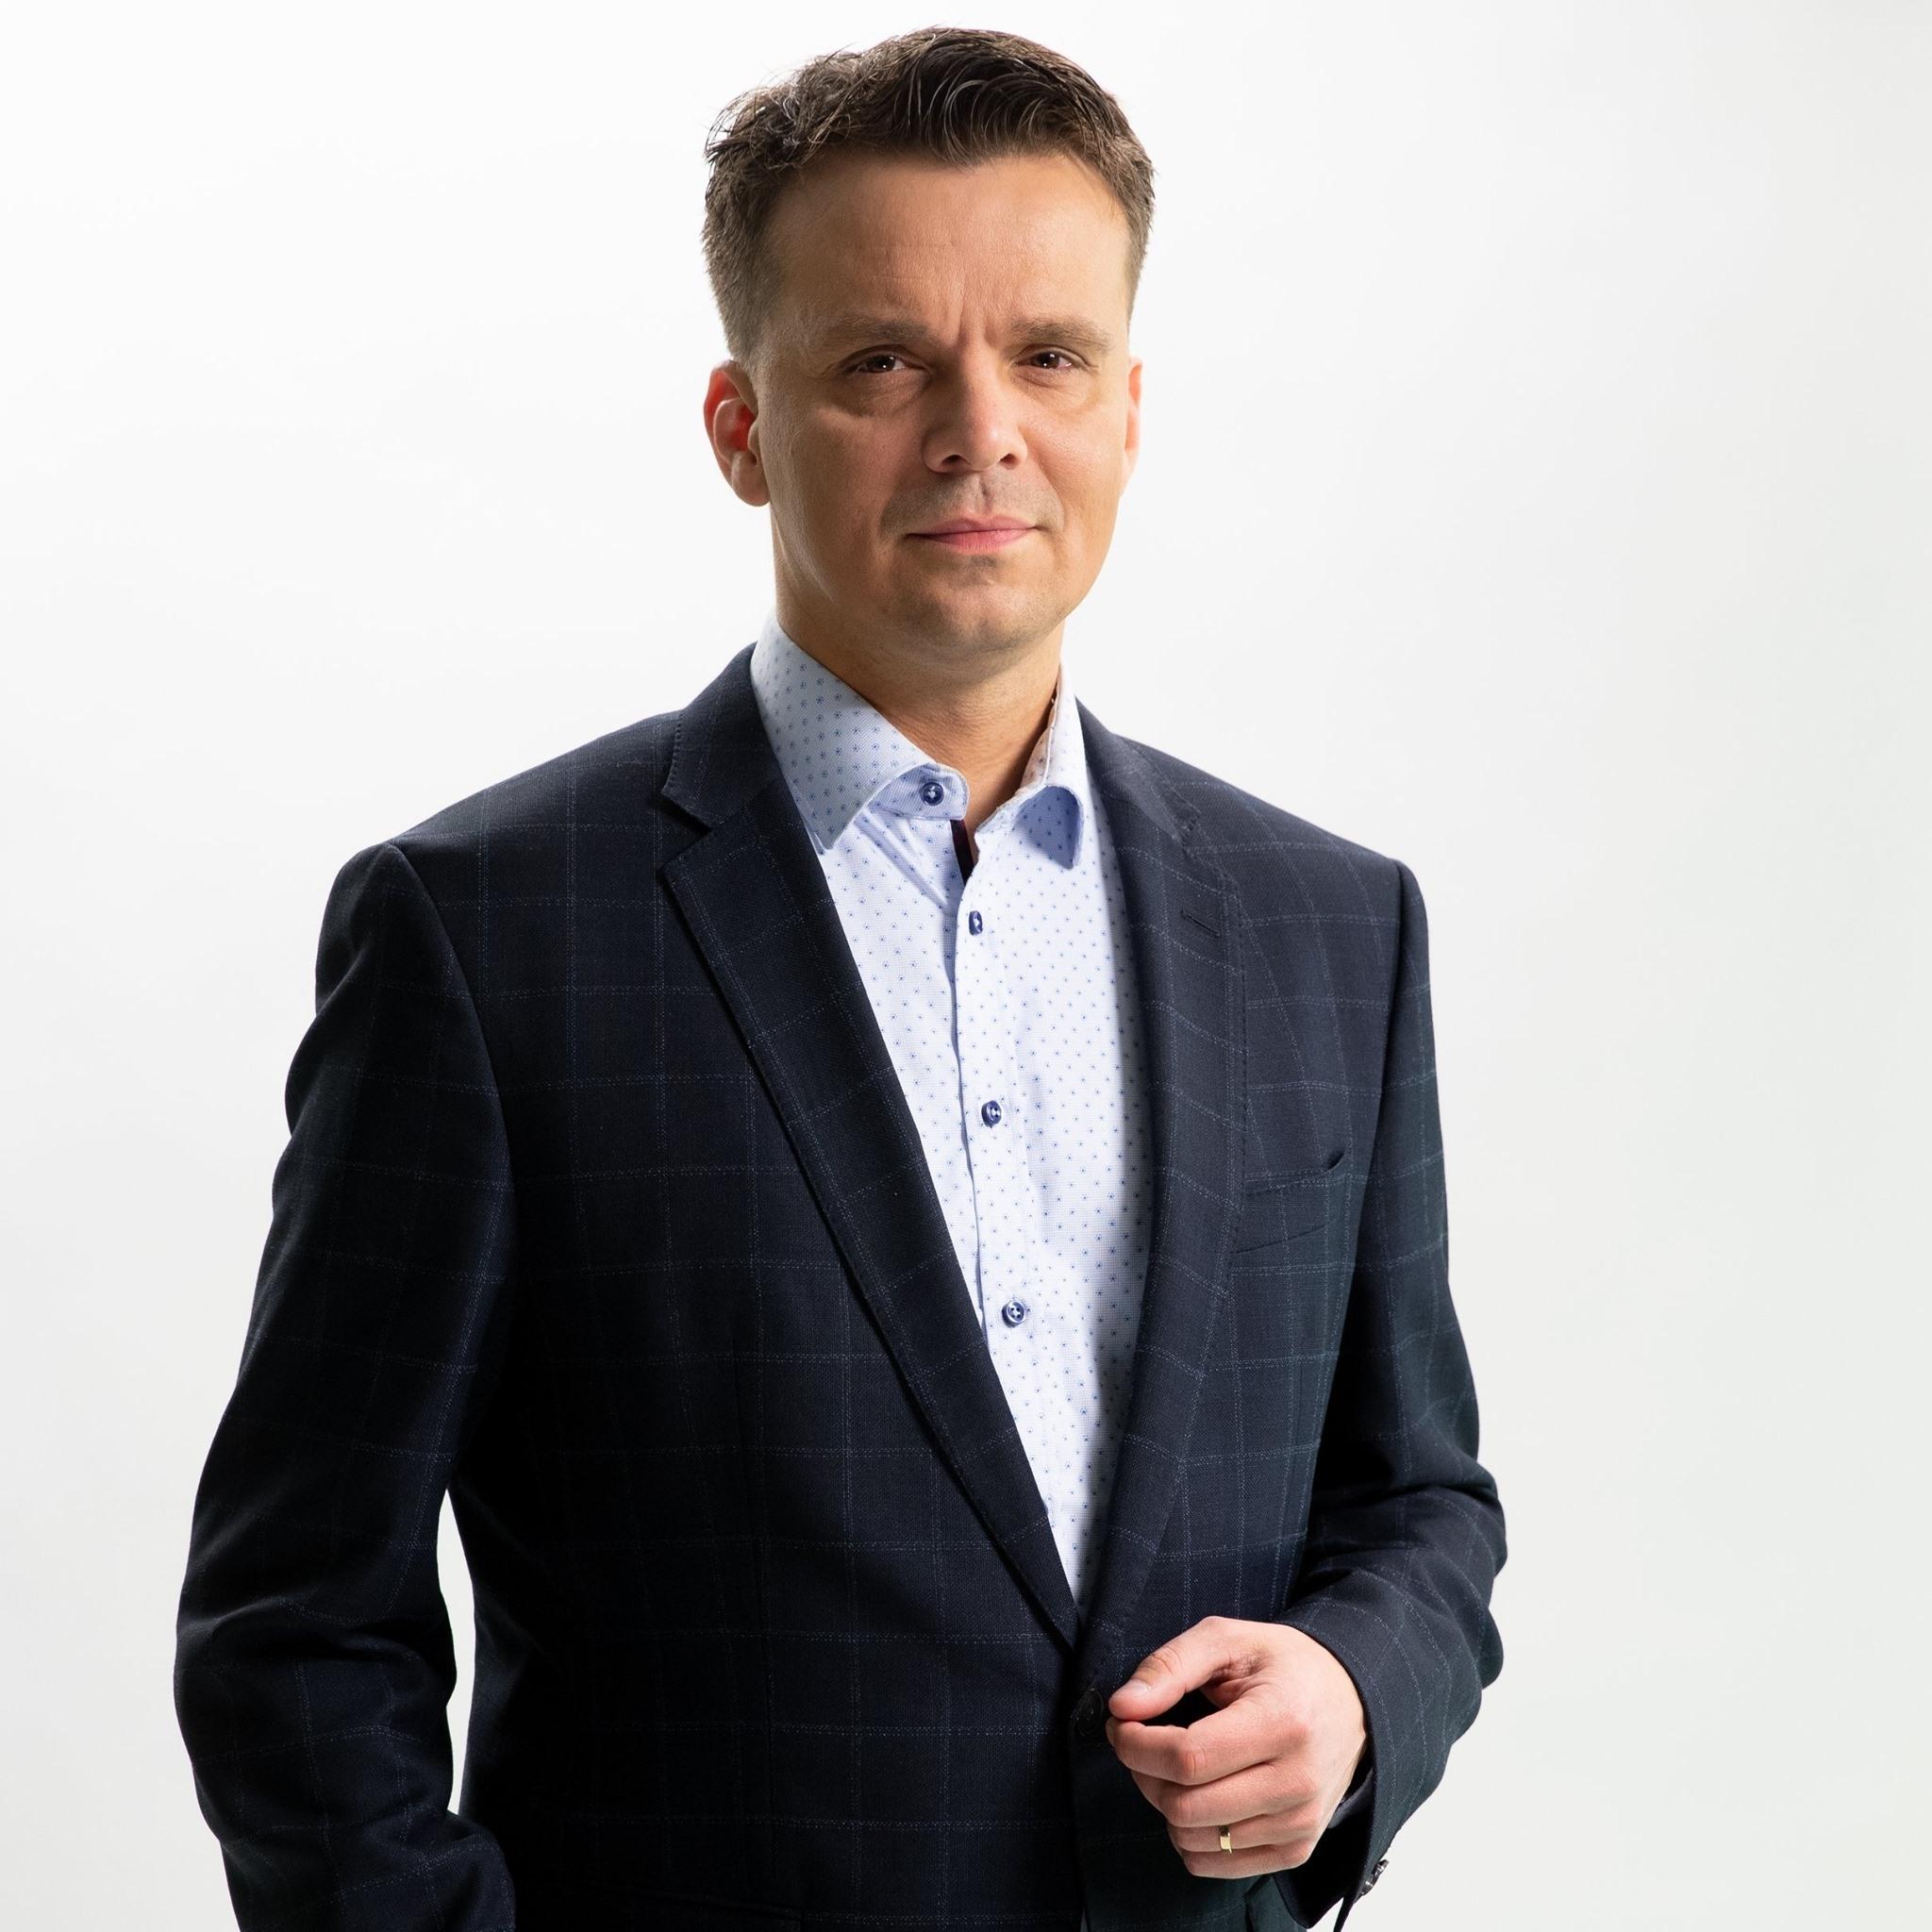 Jóhann K. Jóhannsson nýr slökkviliðsstjóri Fjallabyggðar